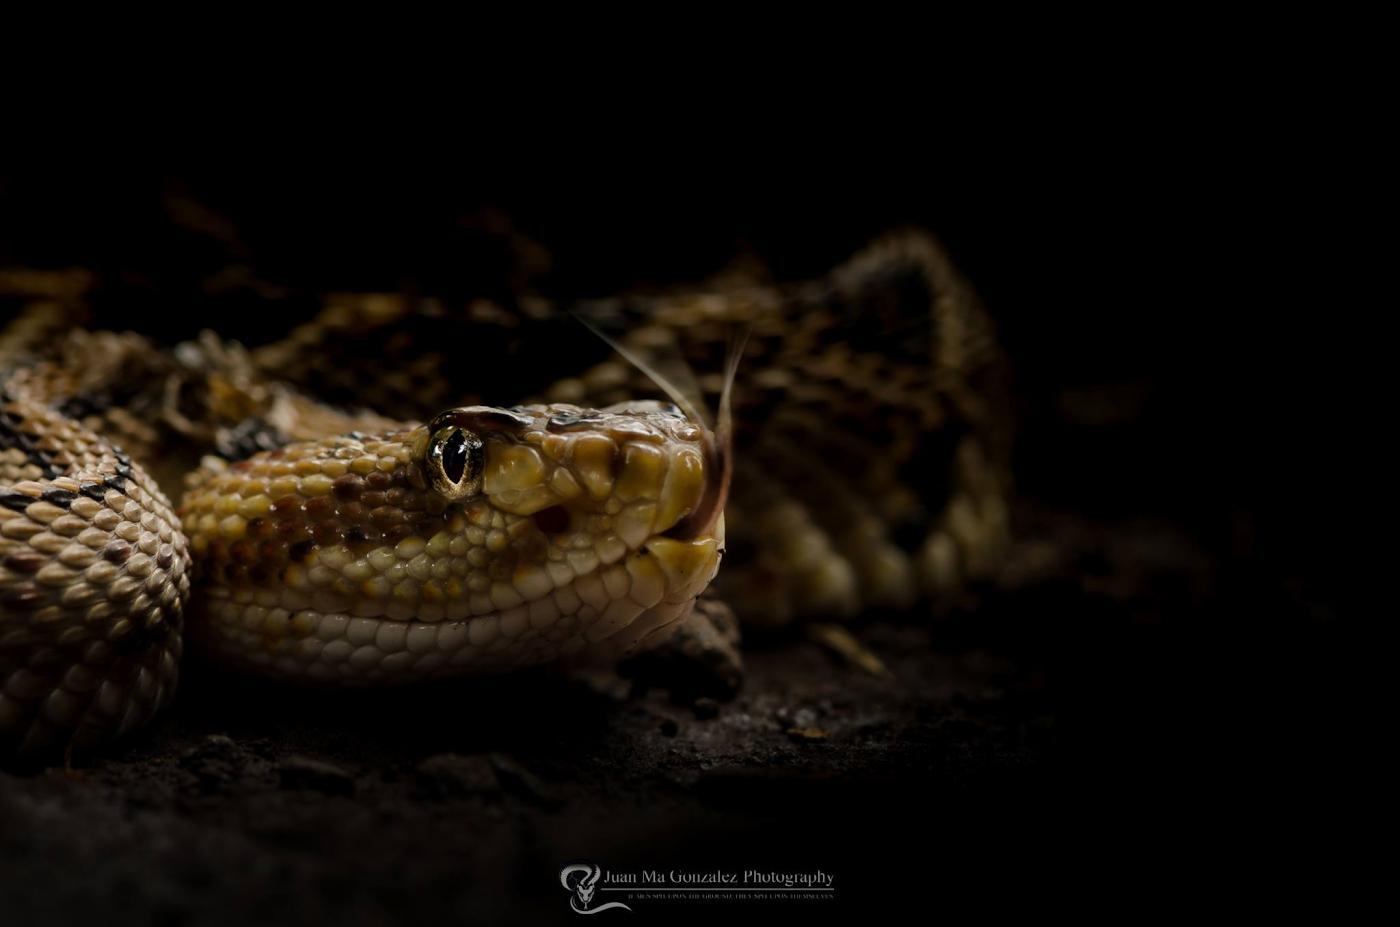 Фото 25. Съемка портрета змеи на Nikon D5600 + широкоугольный макроообъектив Laowa 15mm f4 1:1 Macro.